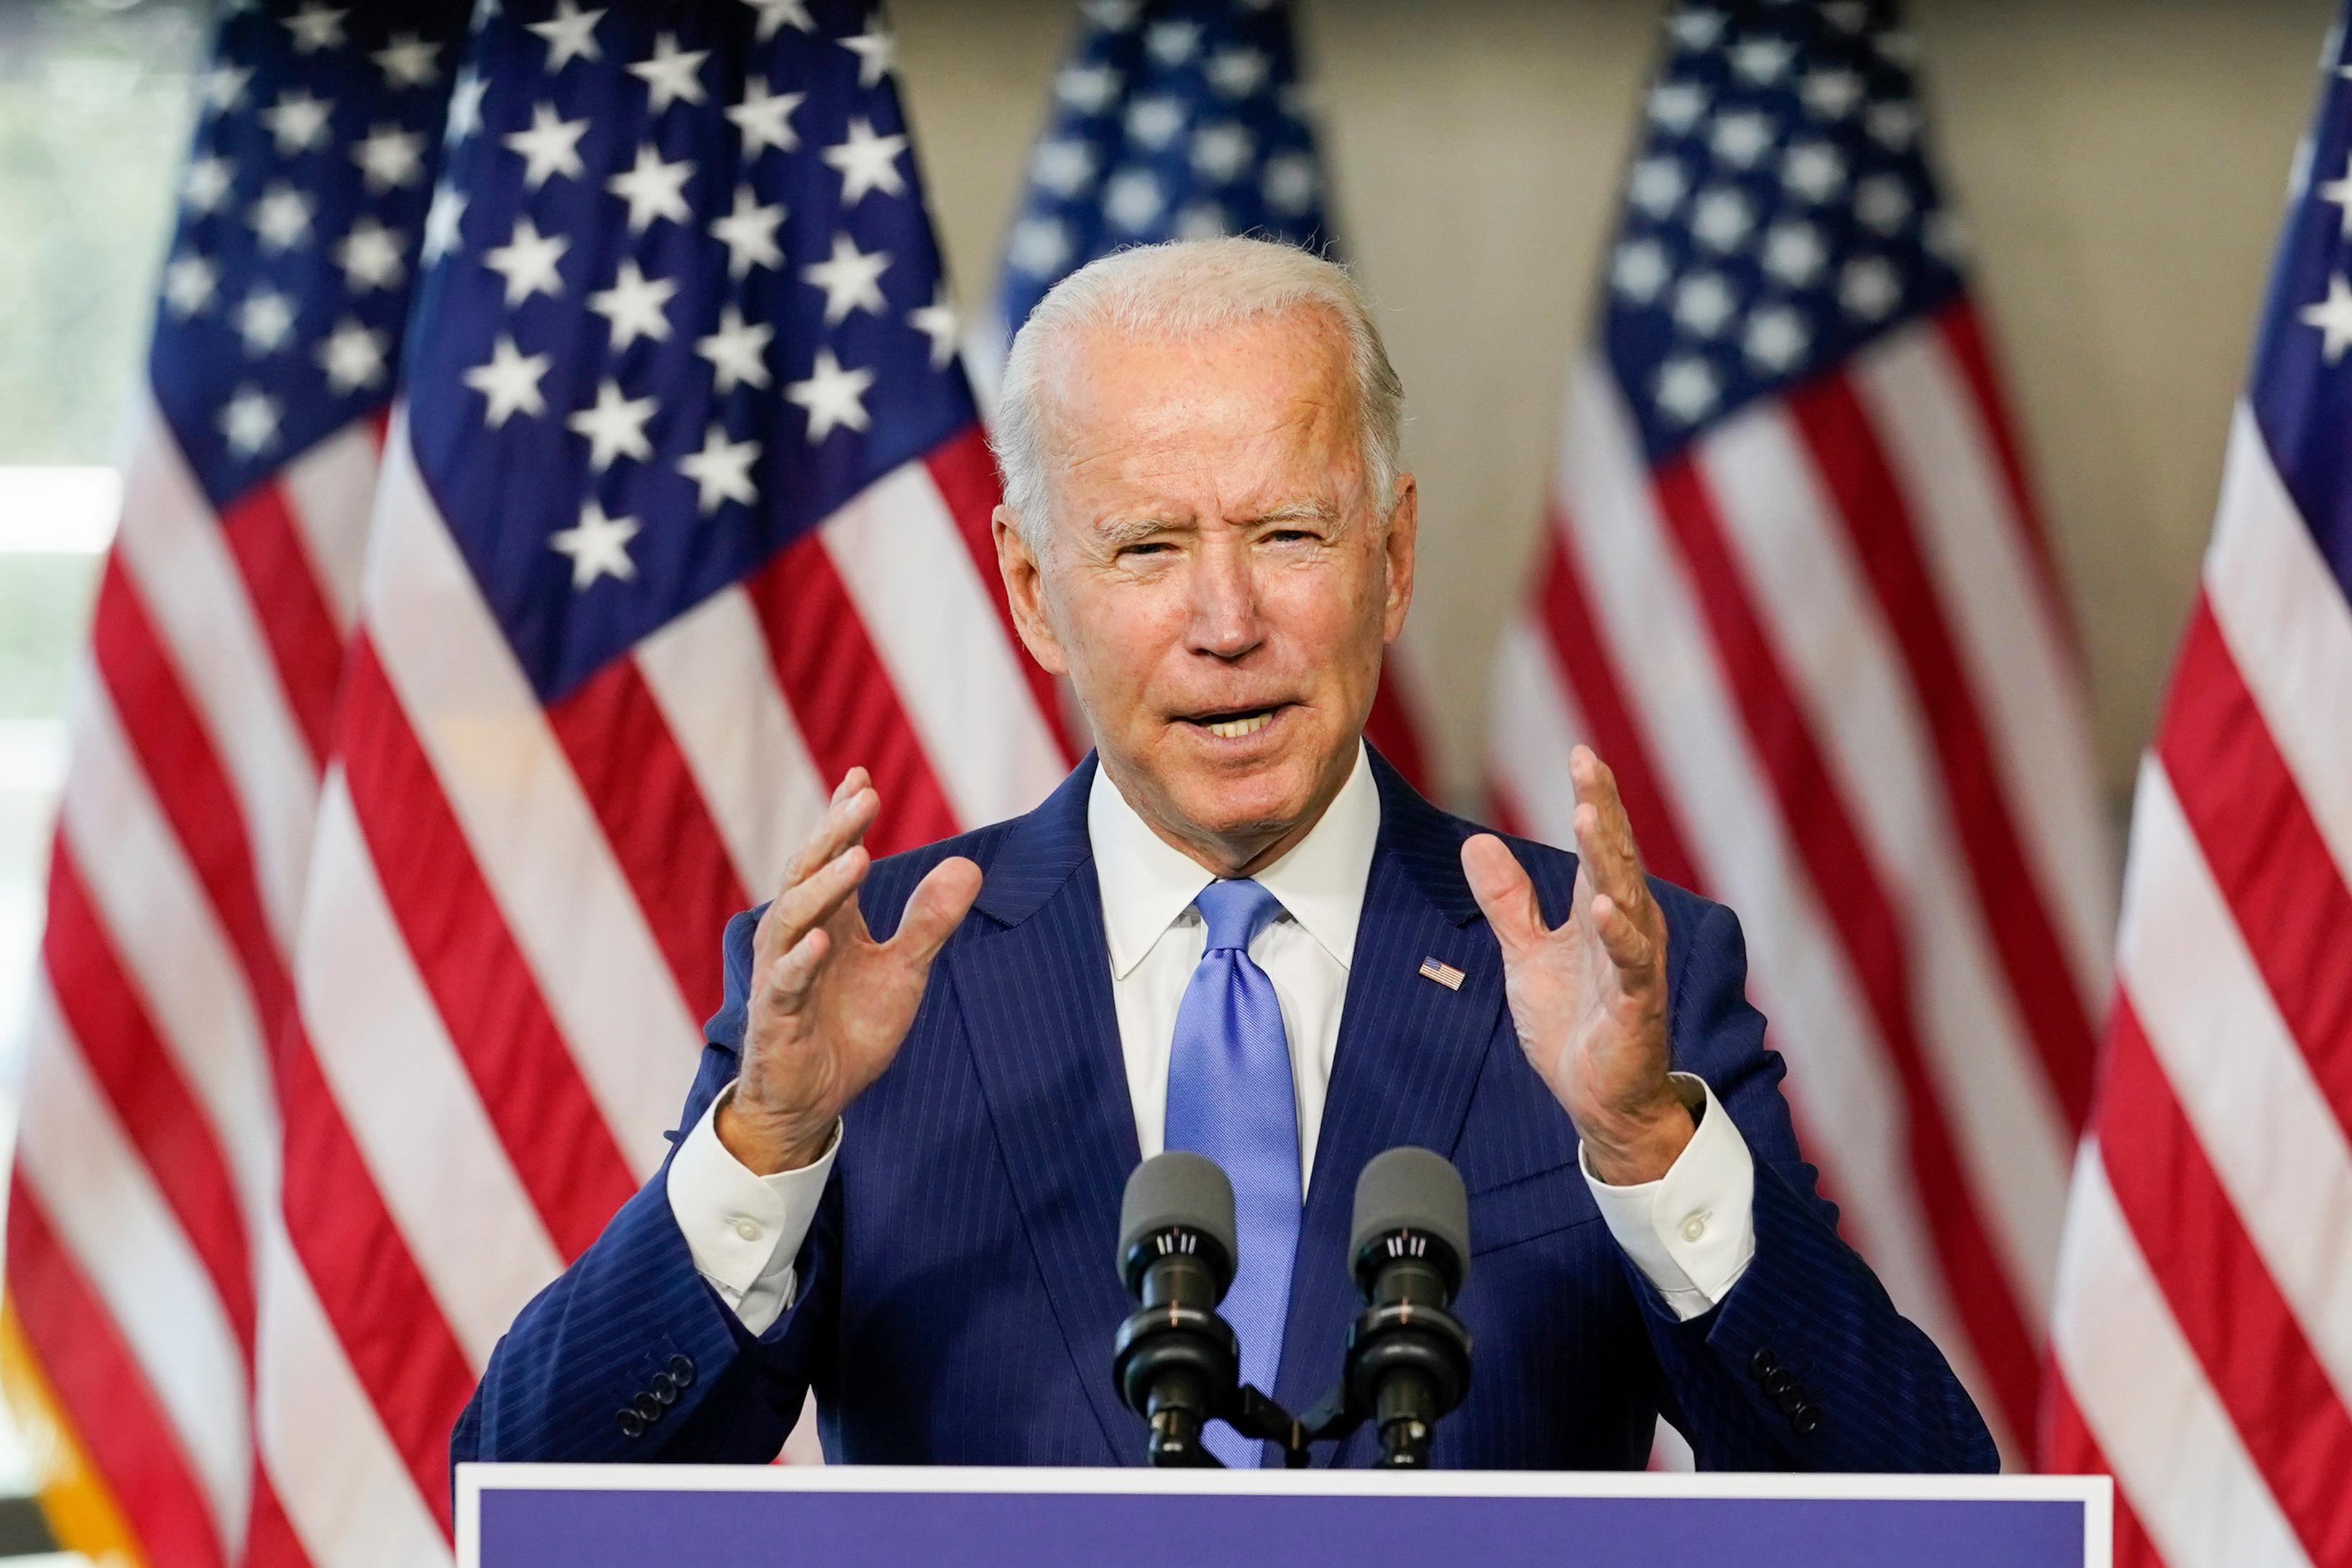 Joe Biden cometió otro error en Covid-19 al decir que 200 millones de estadounidenses habían muerto a causa de la enfermedad.